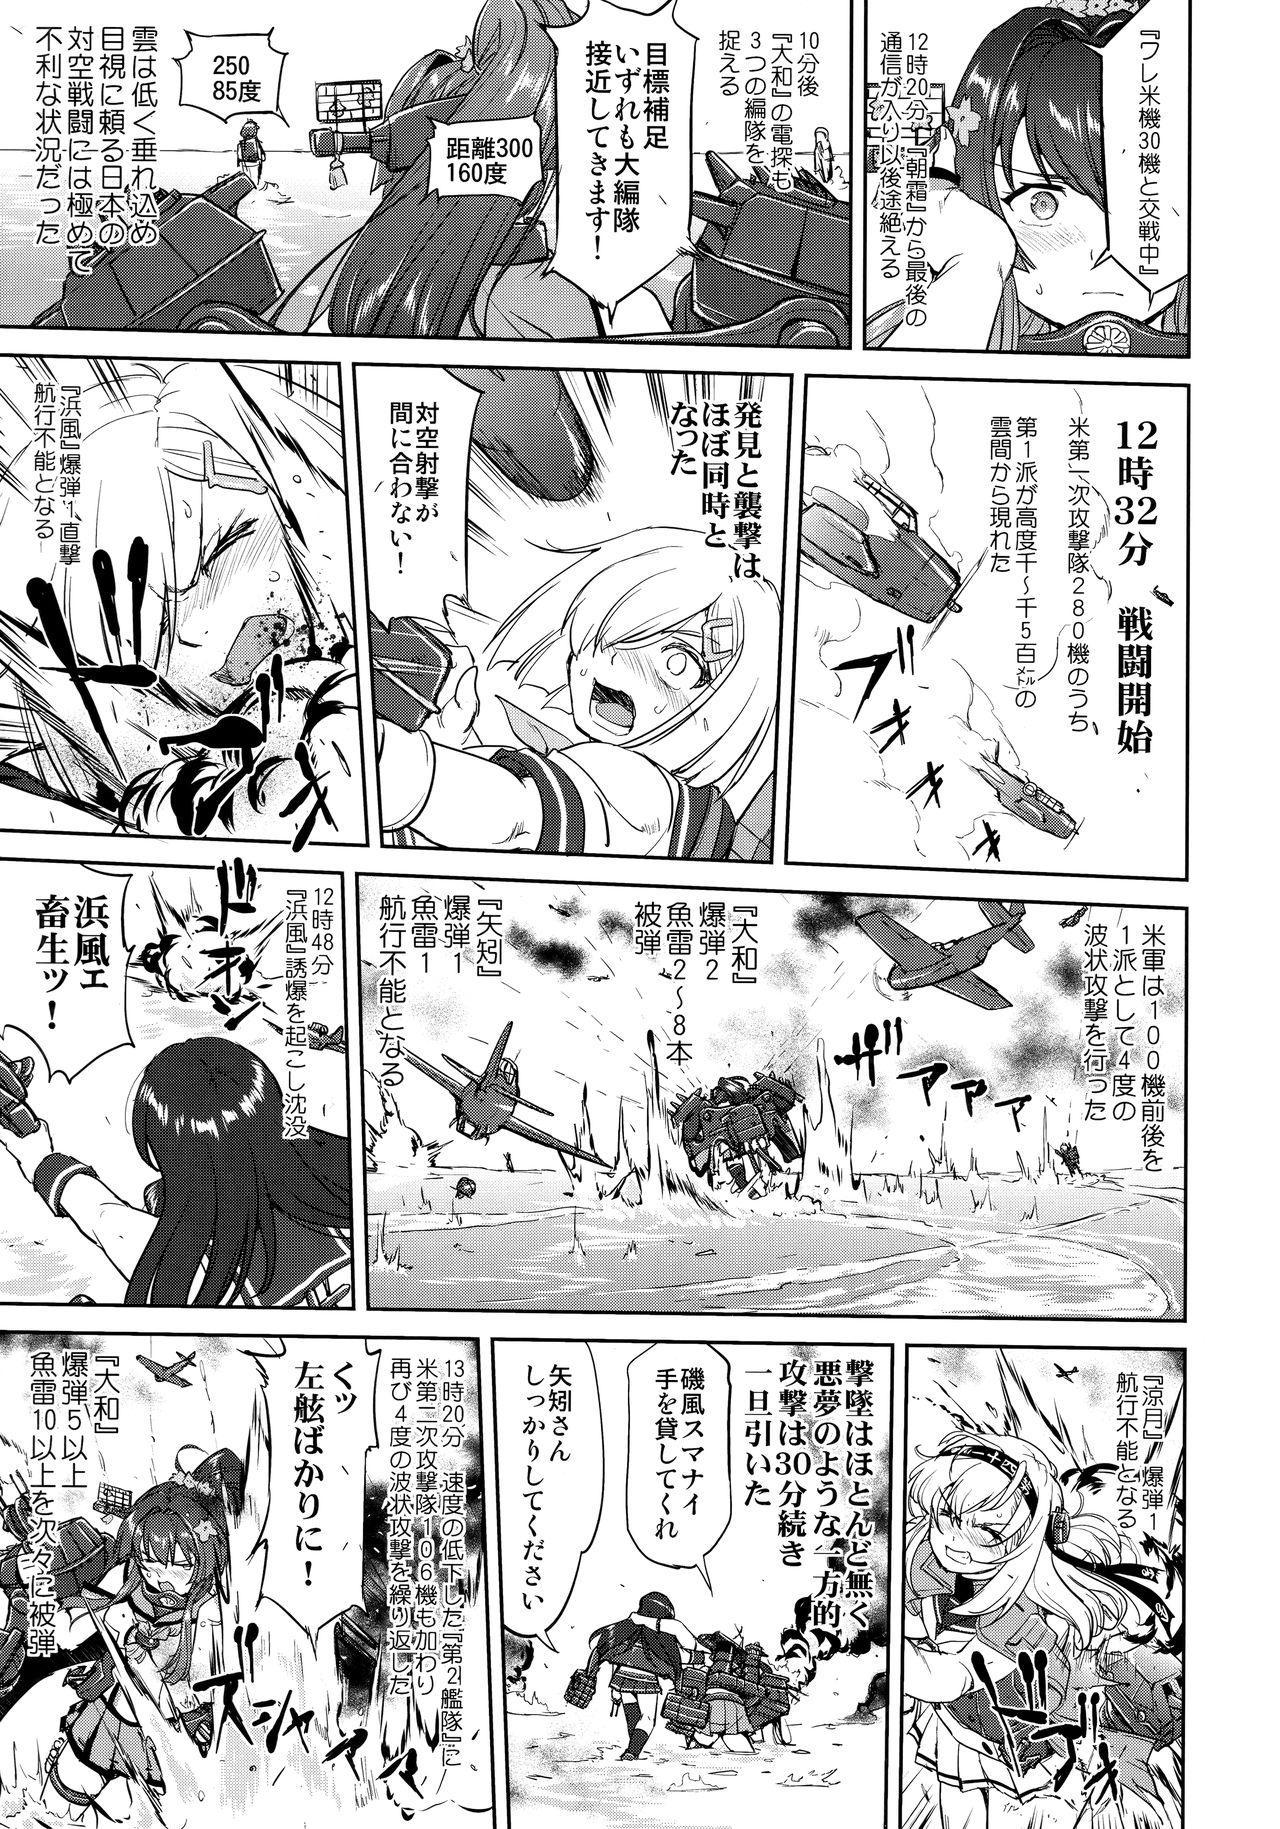 Teitoku no Ketsudan Kanmusu no Ichiban Nagai Hi 13